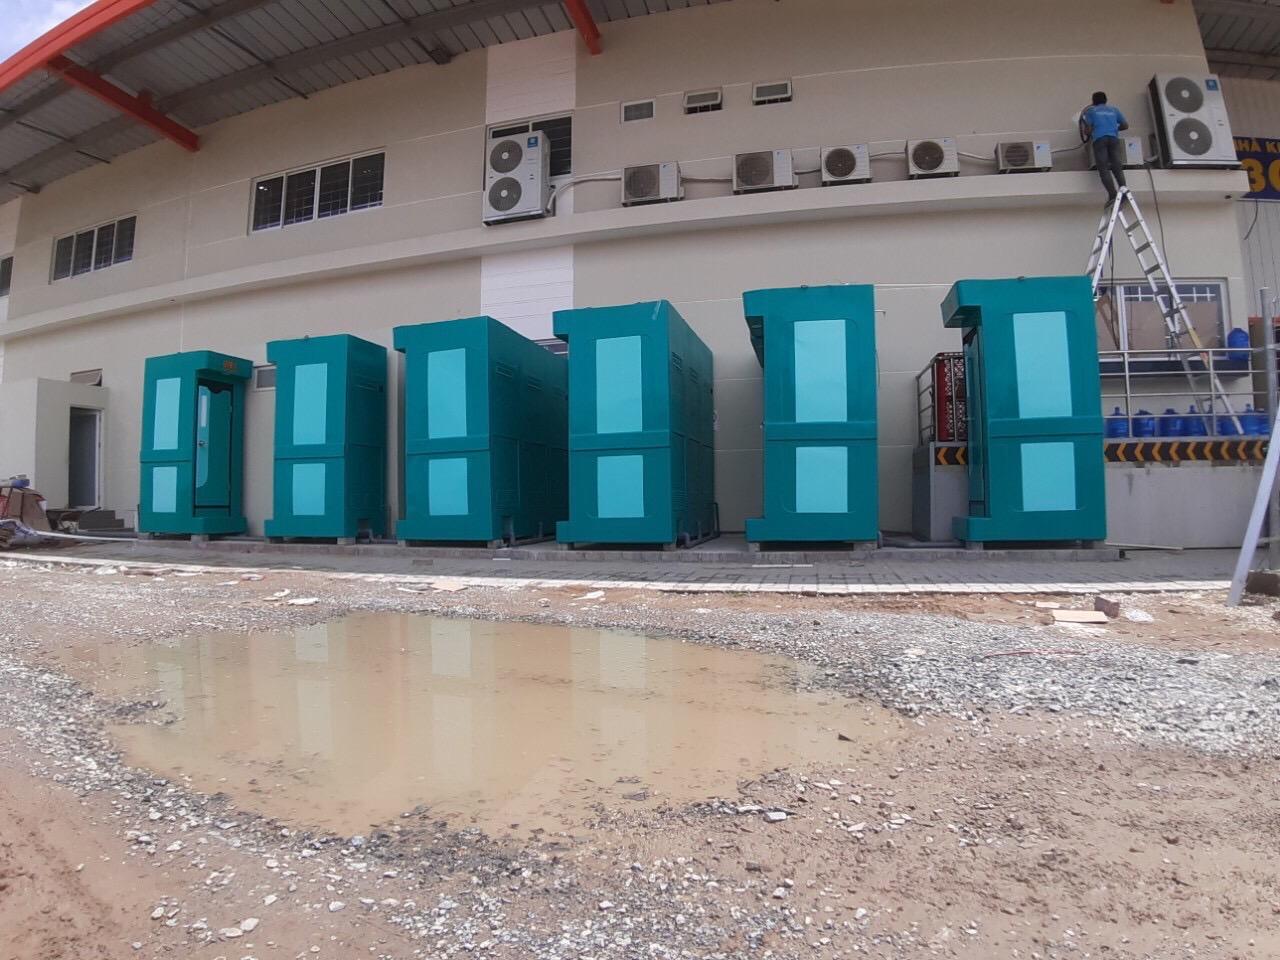 Cho thuê nhà vệ sinh di động tại Đồng Nai